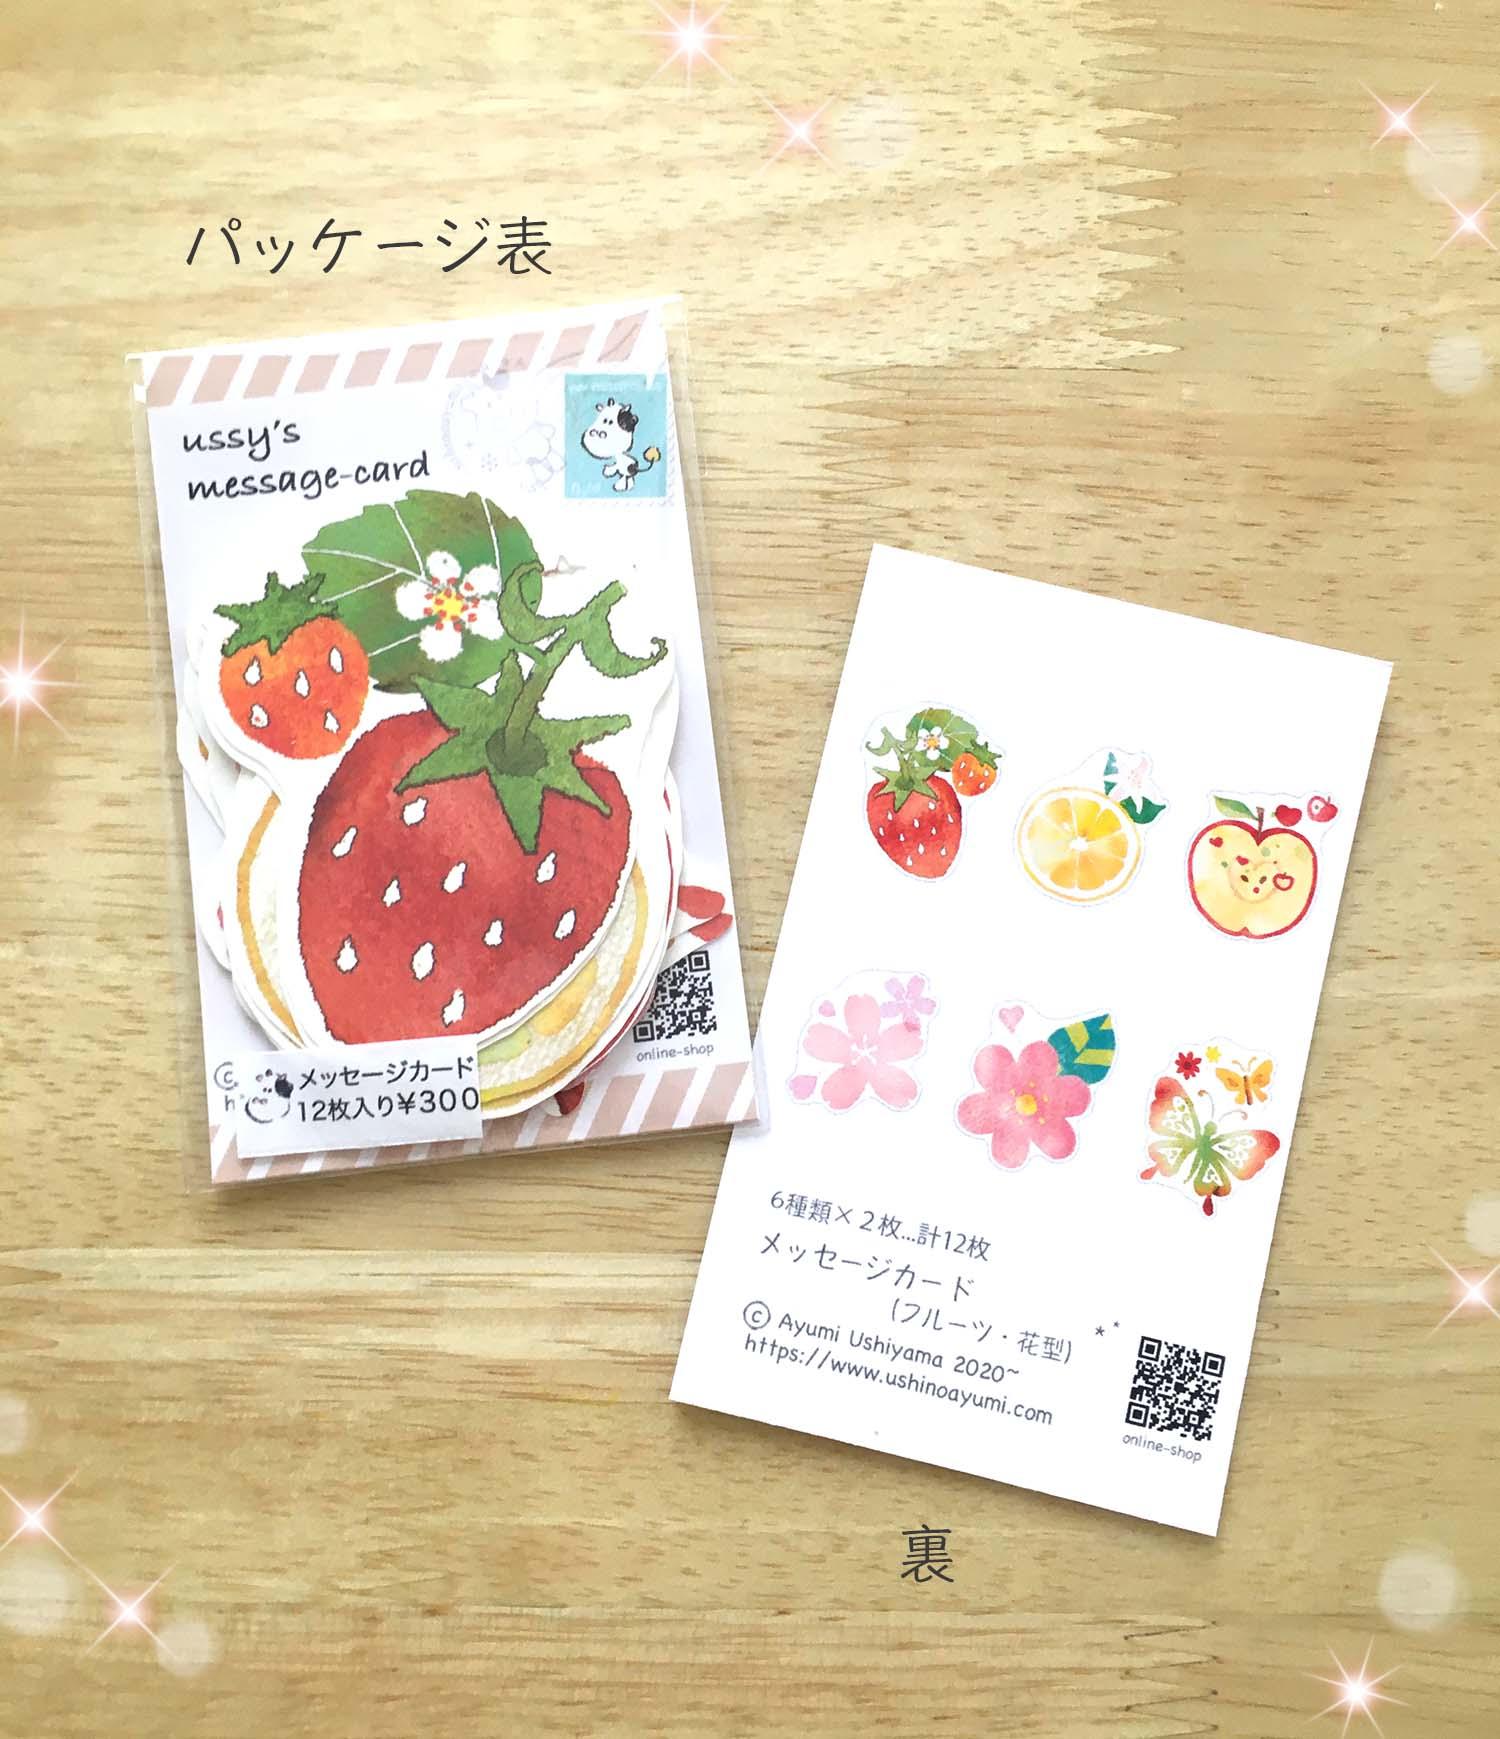 メッセージカード(フルーツ・花)<br>6種類×2=12枚 <br>W70×H107mm パッケージ外寸¥300(税込)